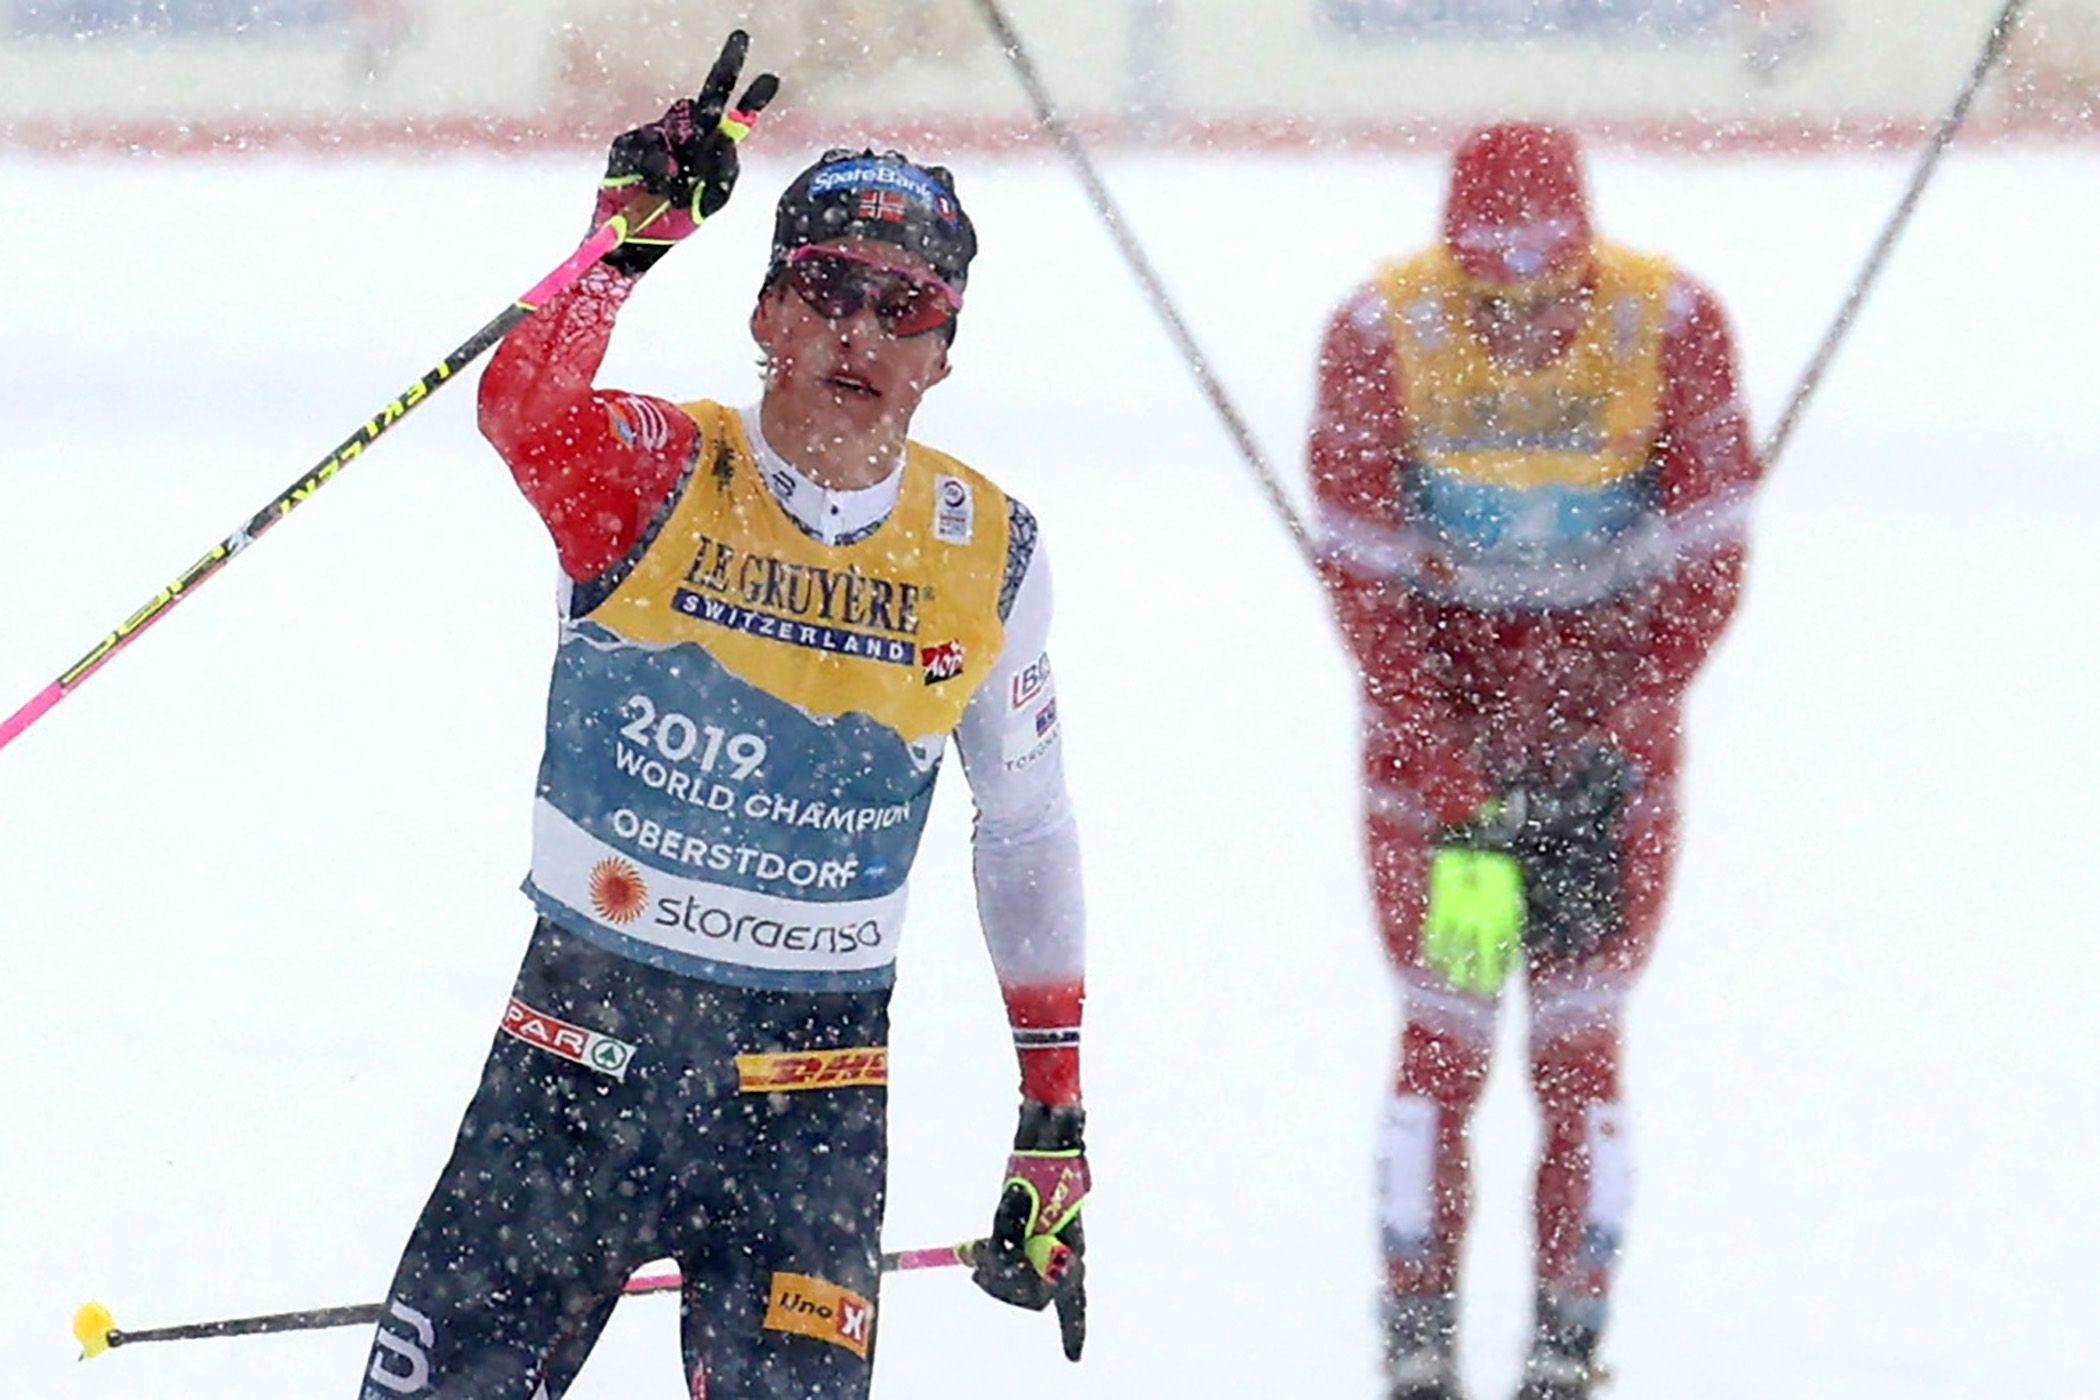 Норвежский комментатор - о дисквалификации Клебо: 'FIS трусливым решением испортил чемпионат мира'